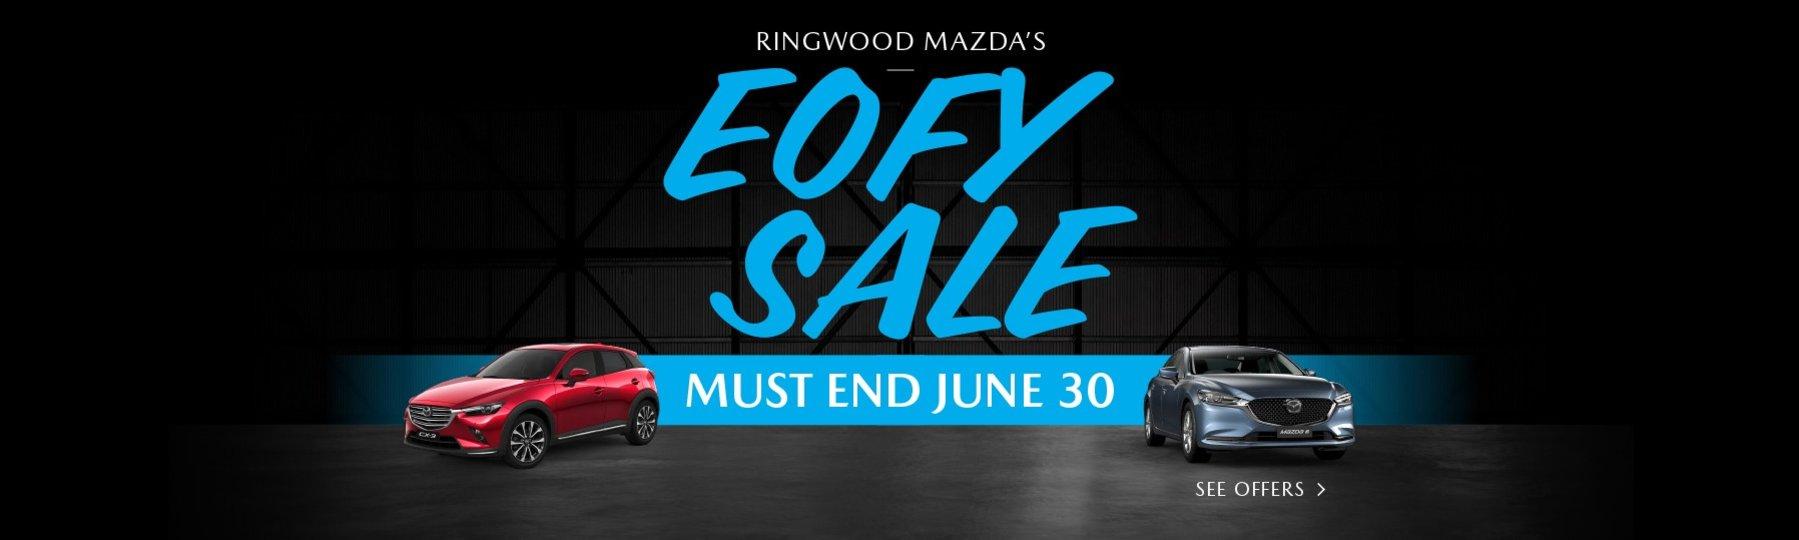 Ringwood Mazda - EOFY Sale